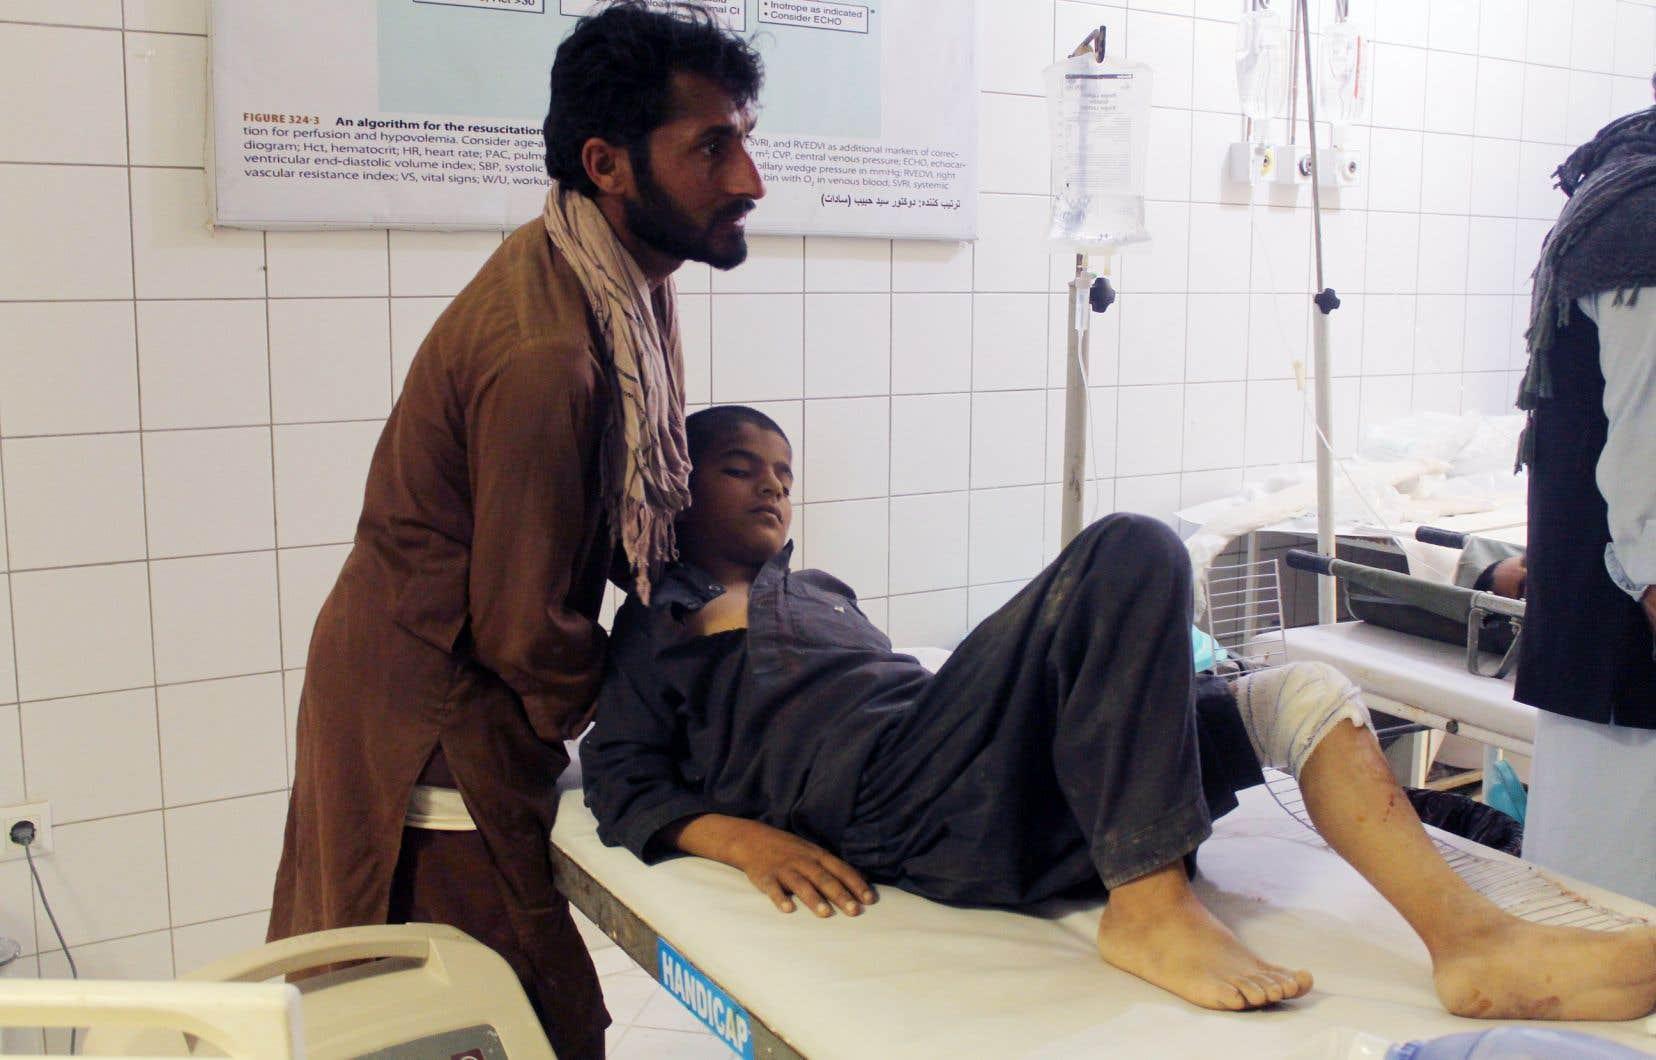 De nombreux enfants et adolescents étaient parmi les blessés, selon un photographe de l'Agence France-Presse.